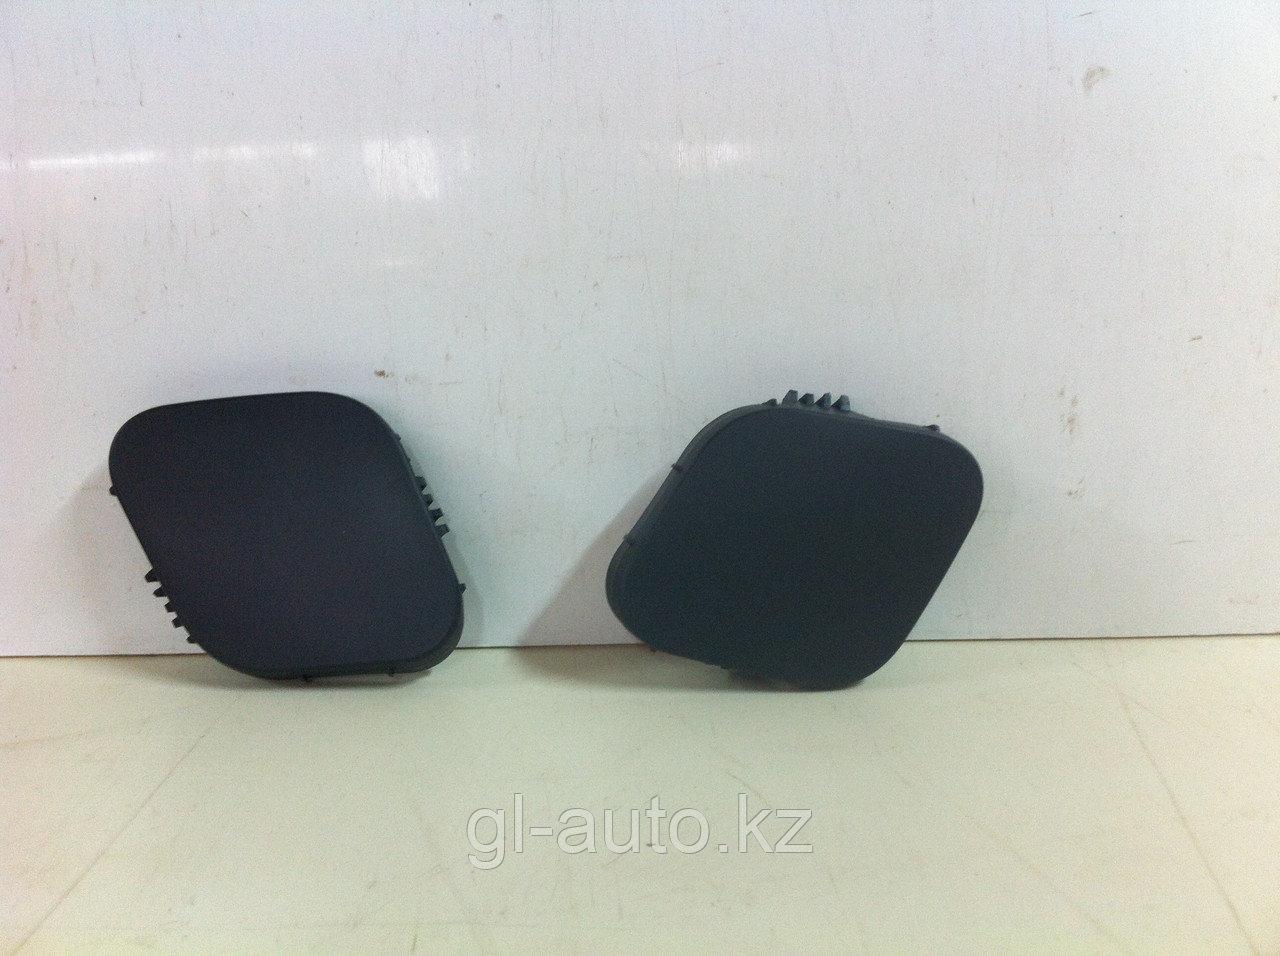 Заглушка буксировочного устройства левая Газель бизнес